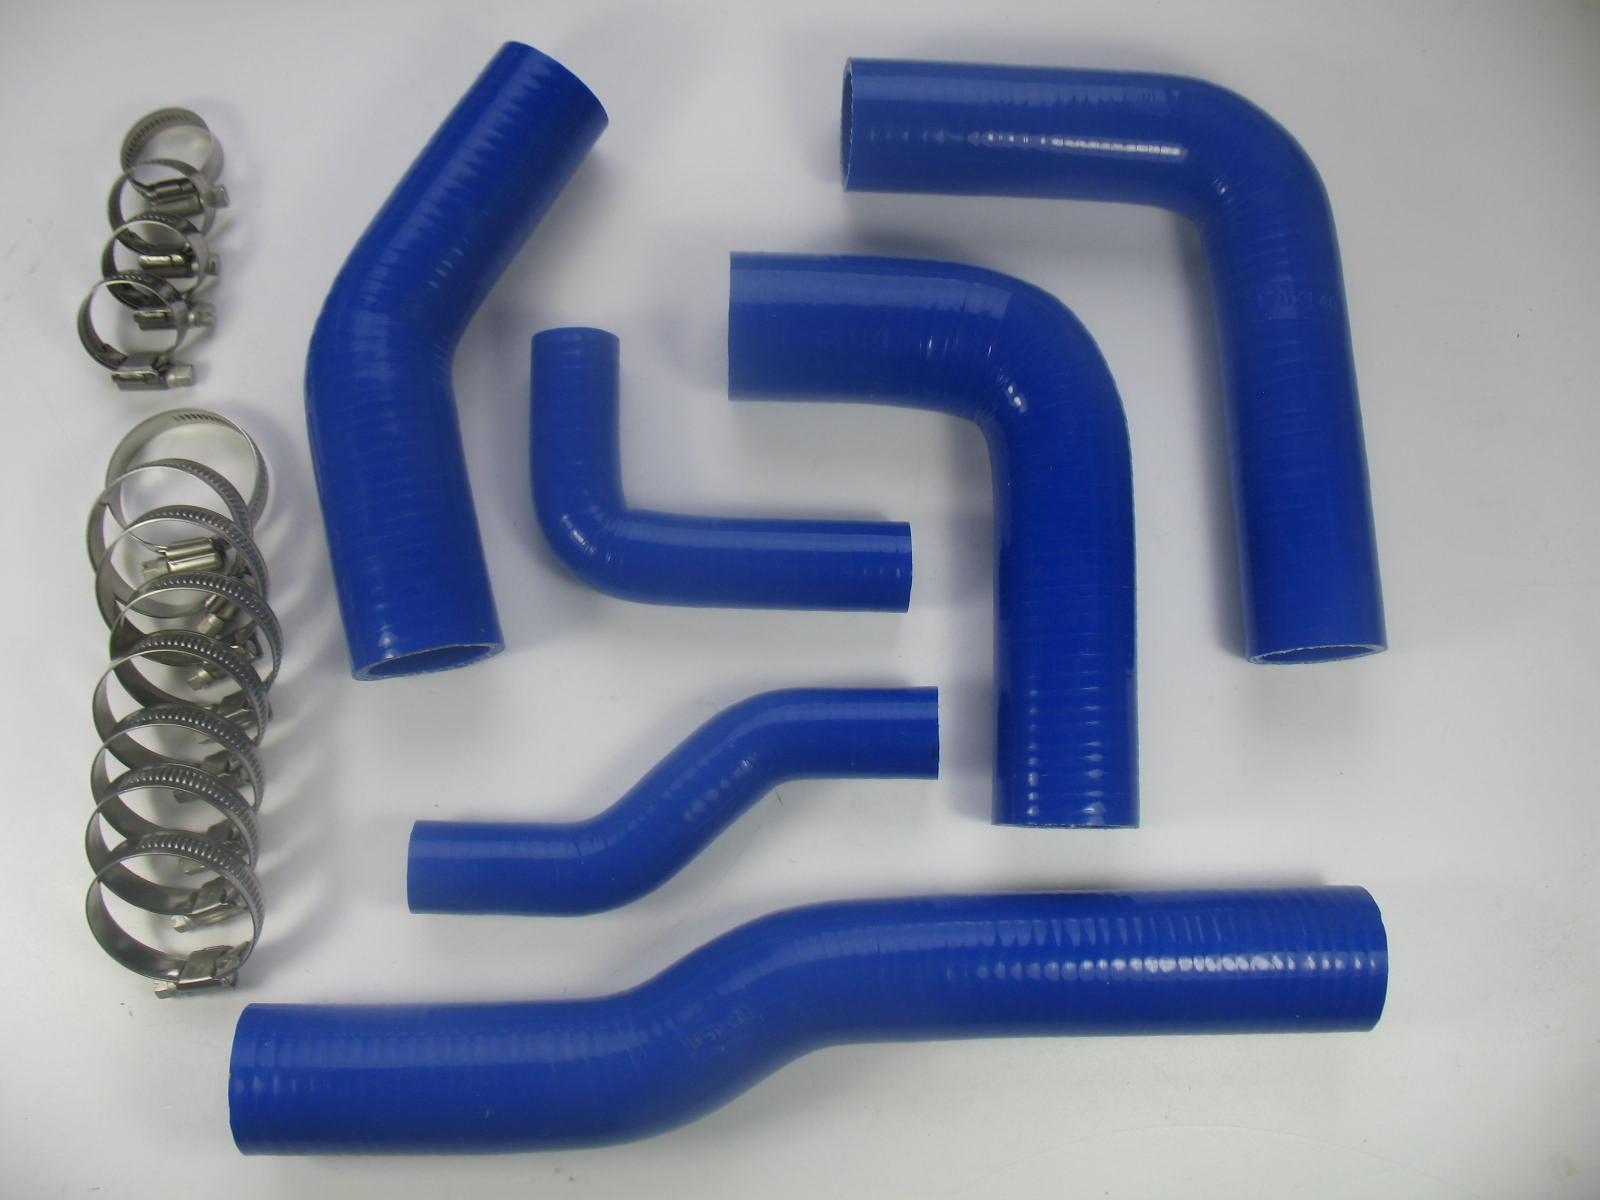 hk010a tasmin v8 hose kit act performance products your source for after market tvr upgrades. Black Bedroom Furniture Sets. Home Design Ideas